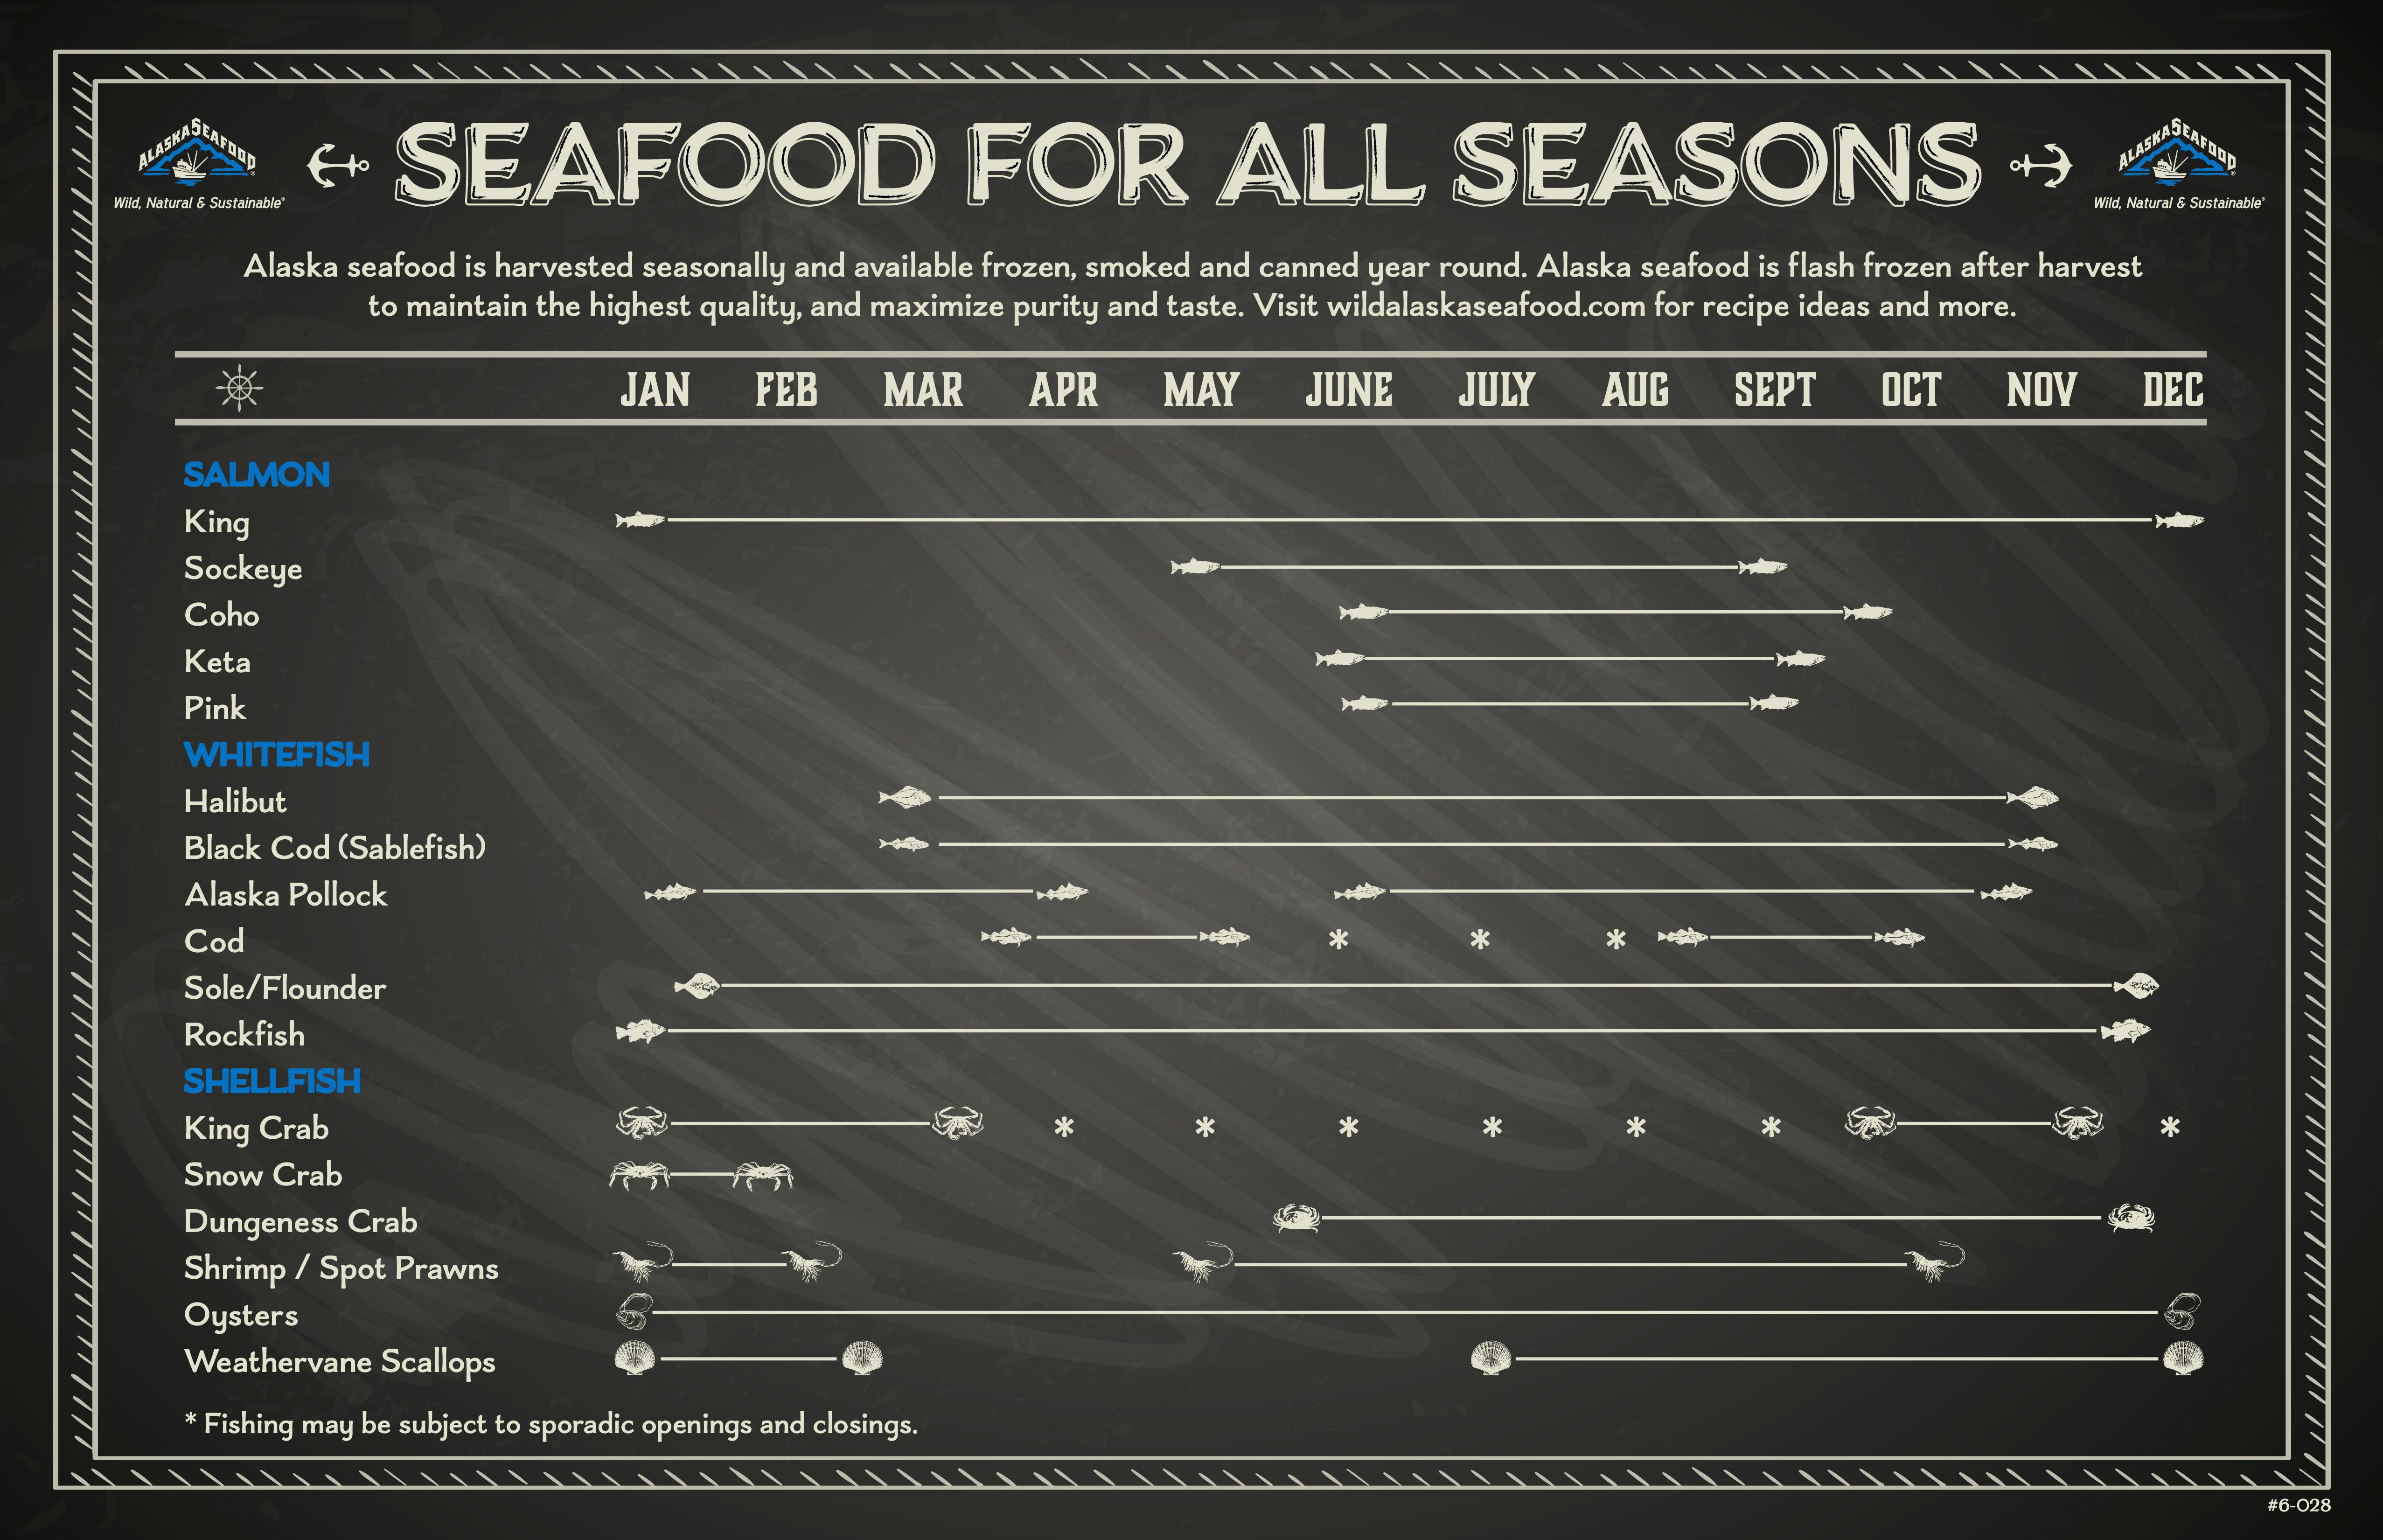 FINAL-Seafood-for-All-Seasons-JPEG